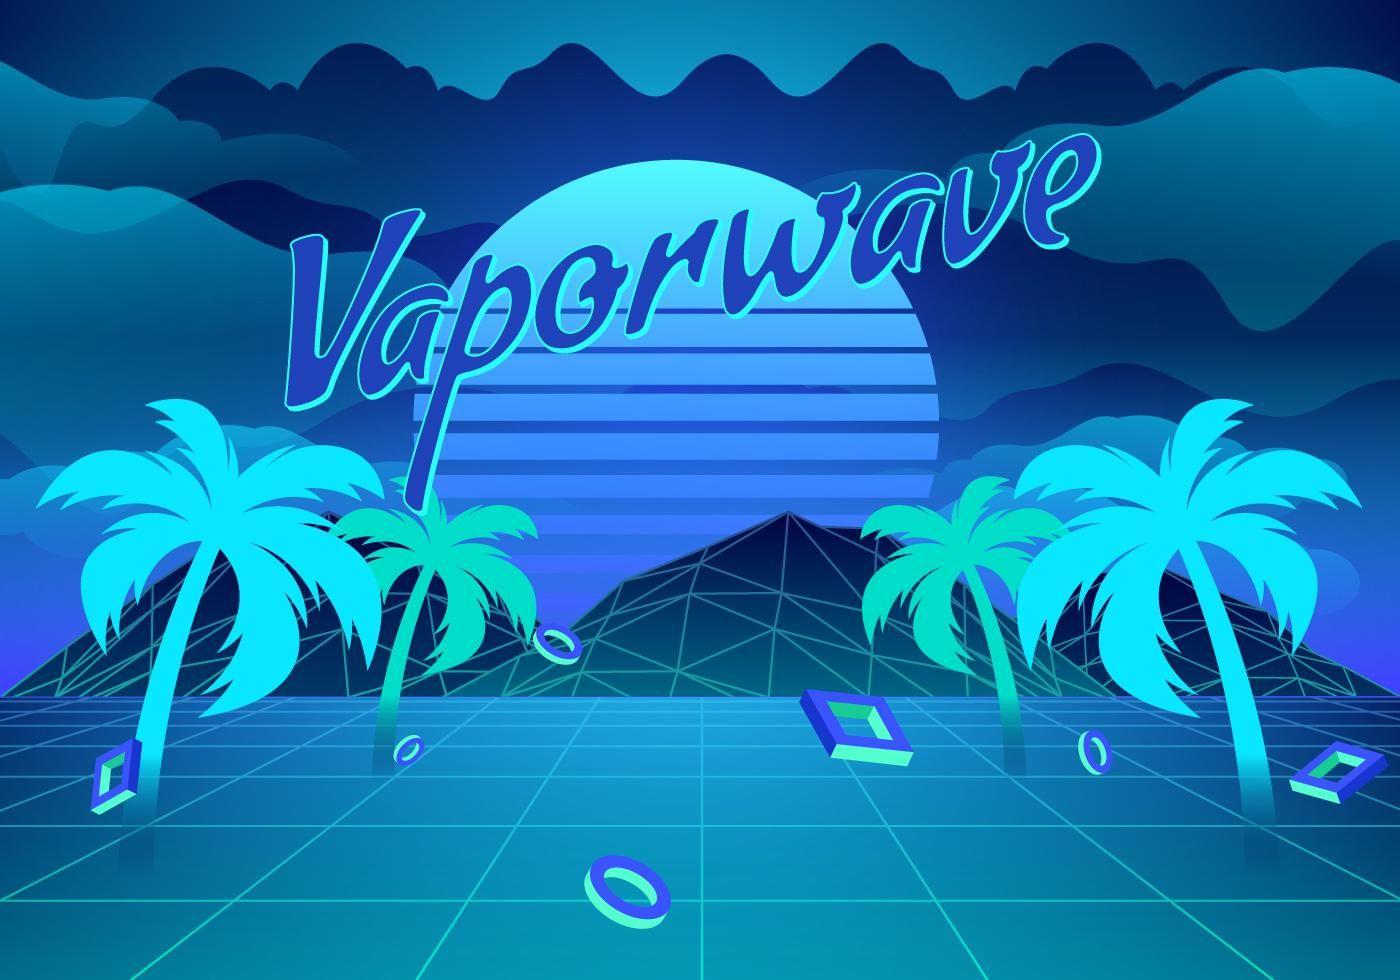 Vaporwave Background Illustration With Images Vaporwave